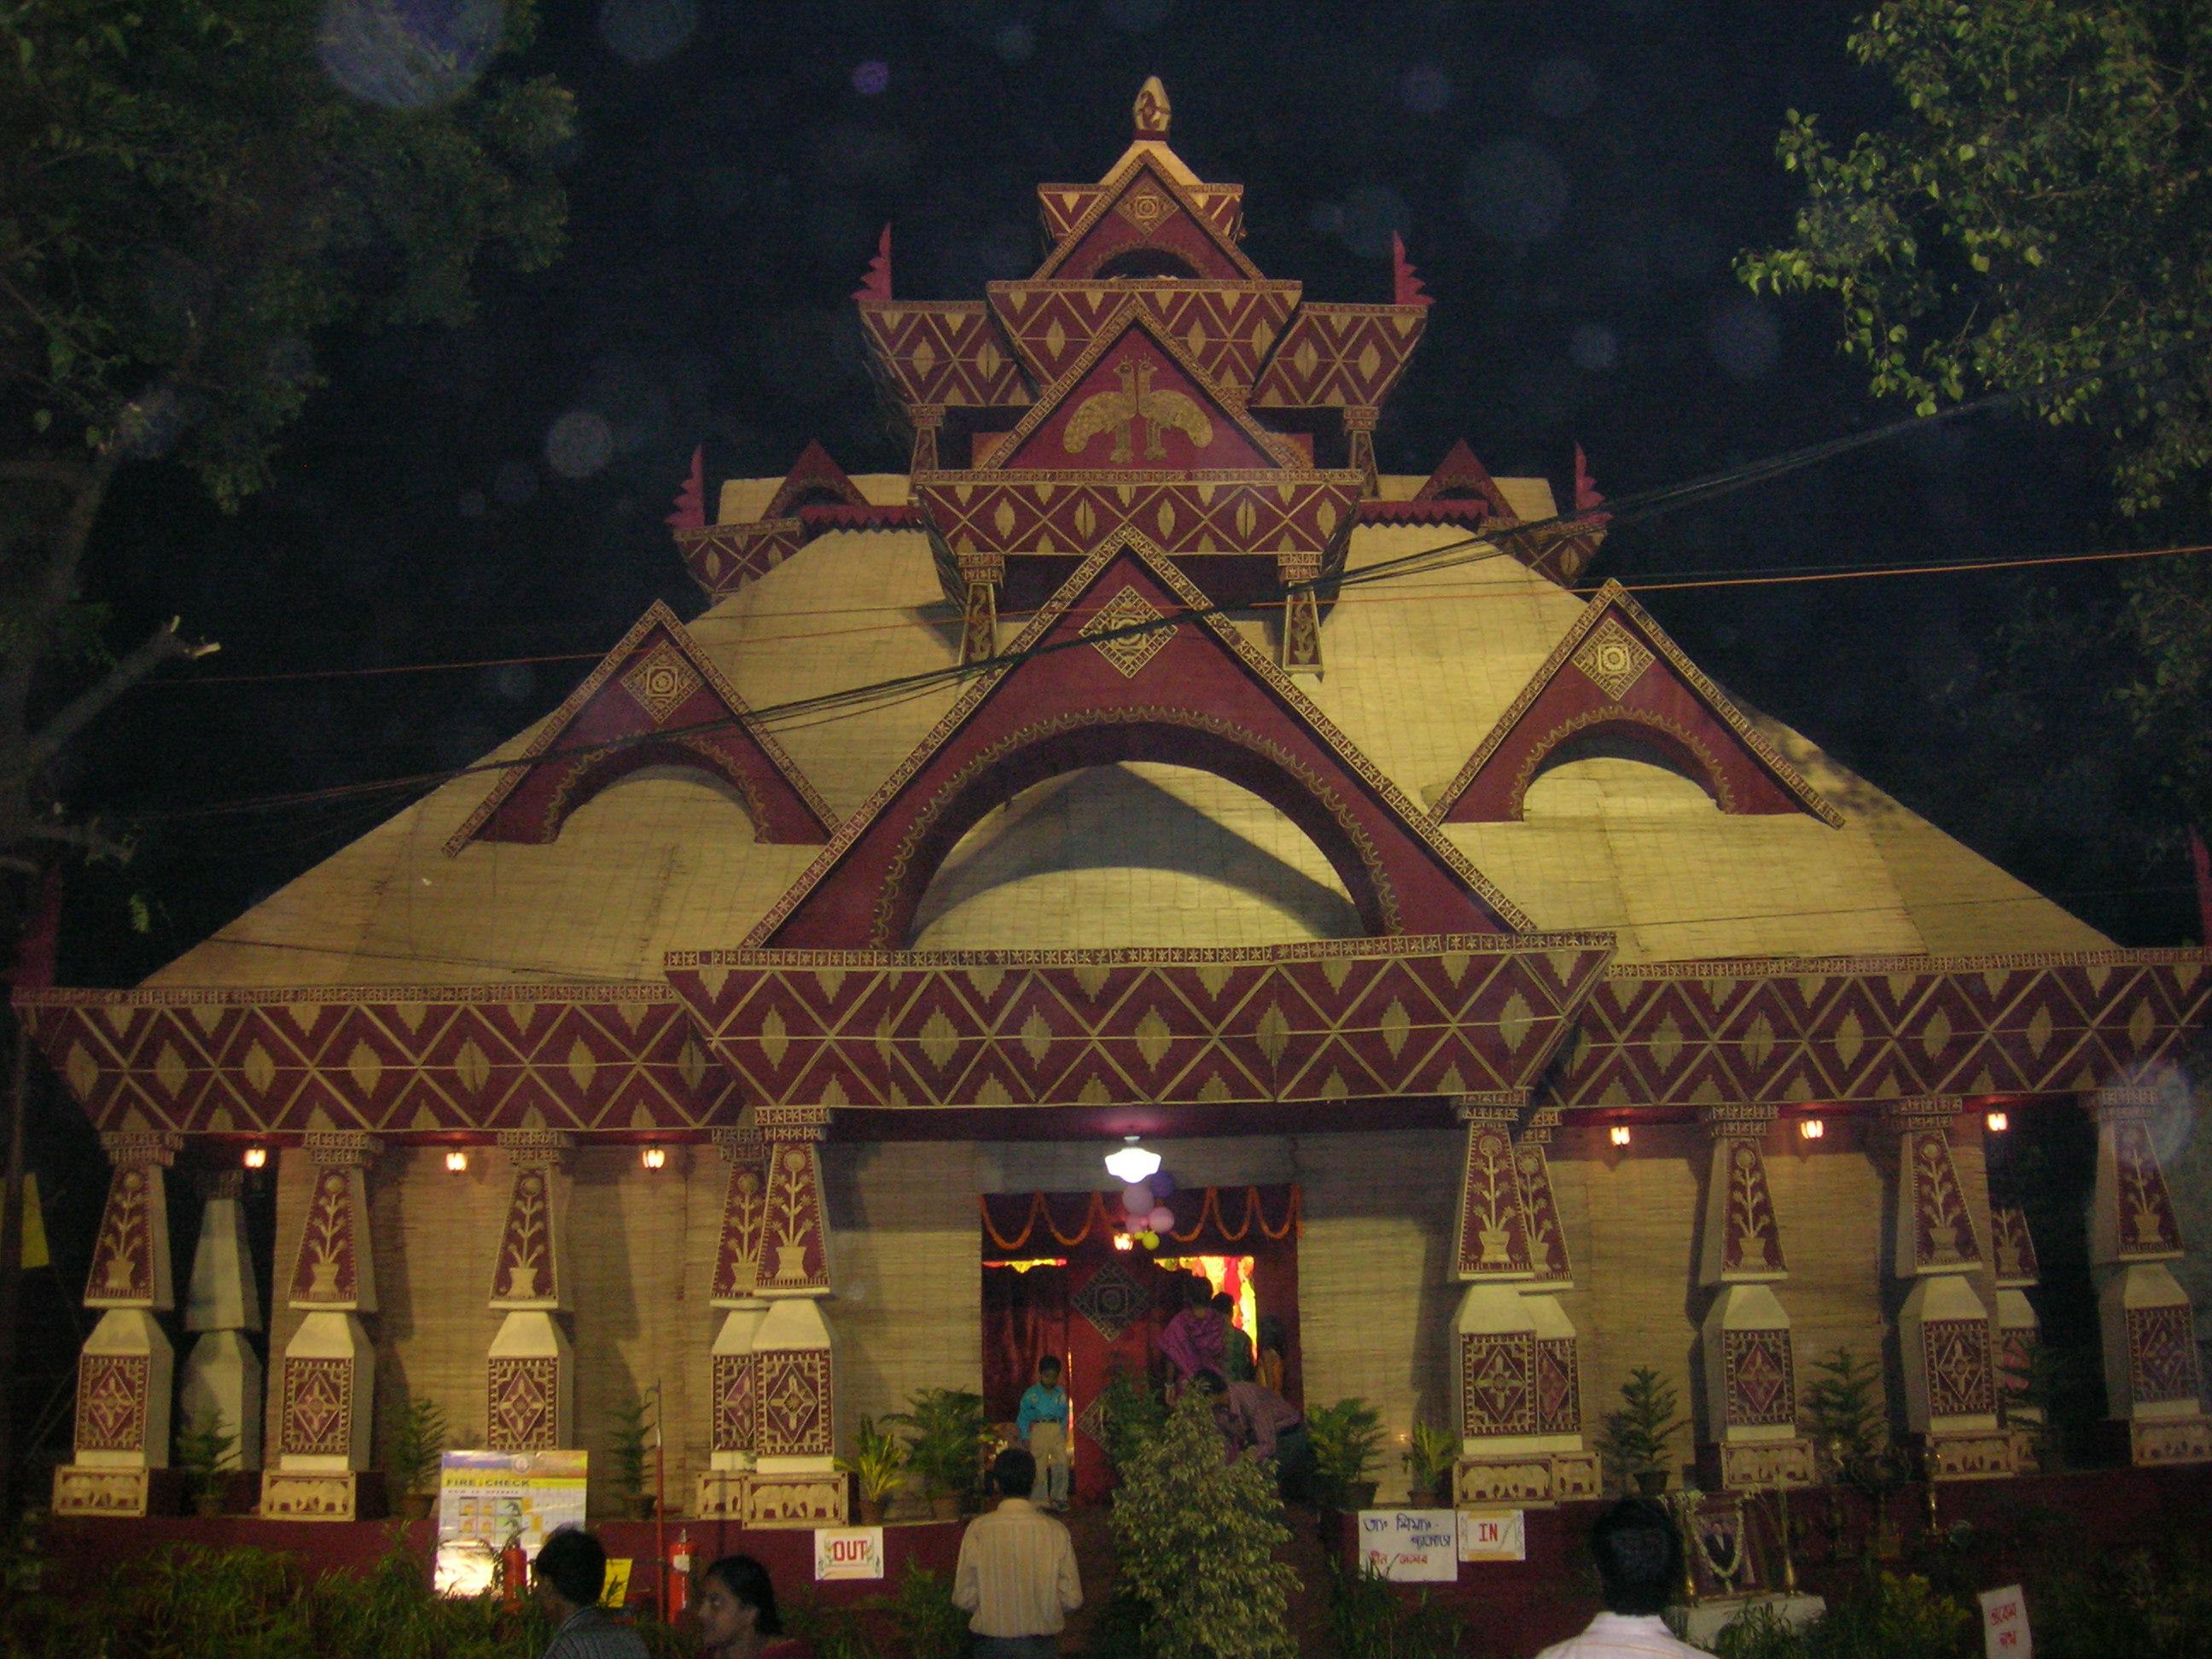 Kali puja pandal in bangalore dating 8